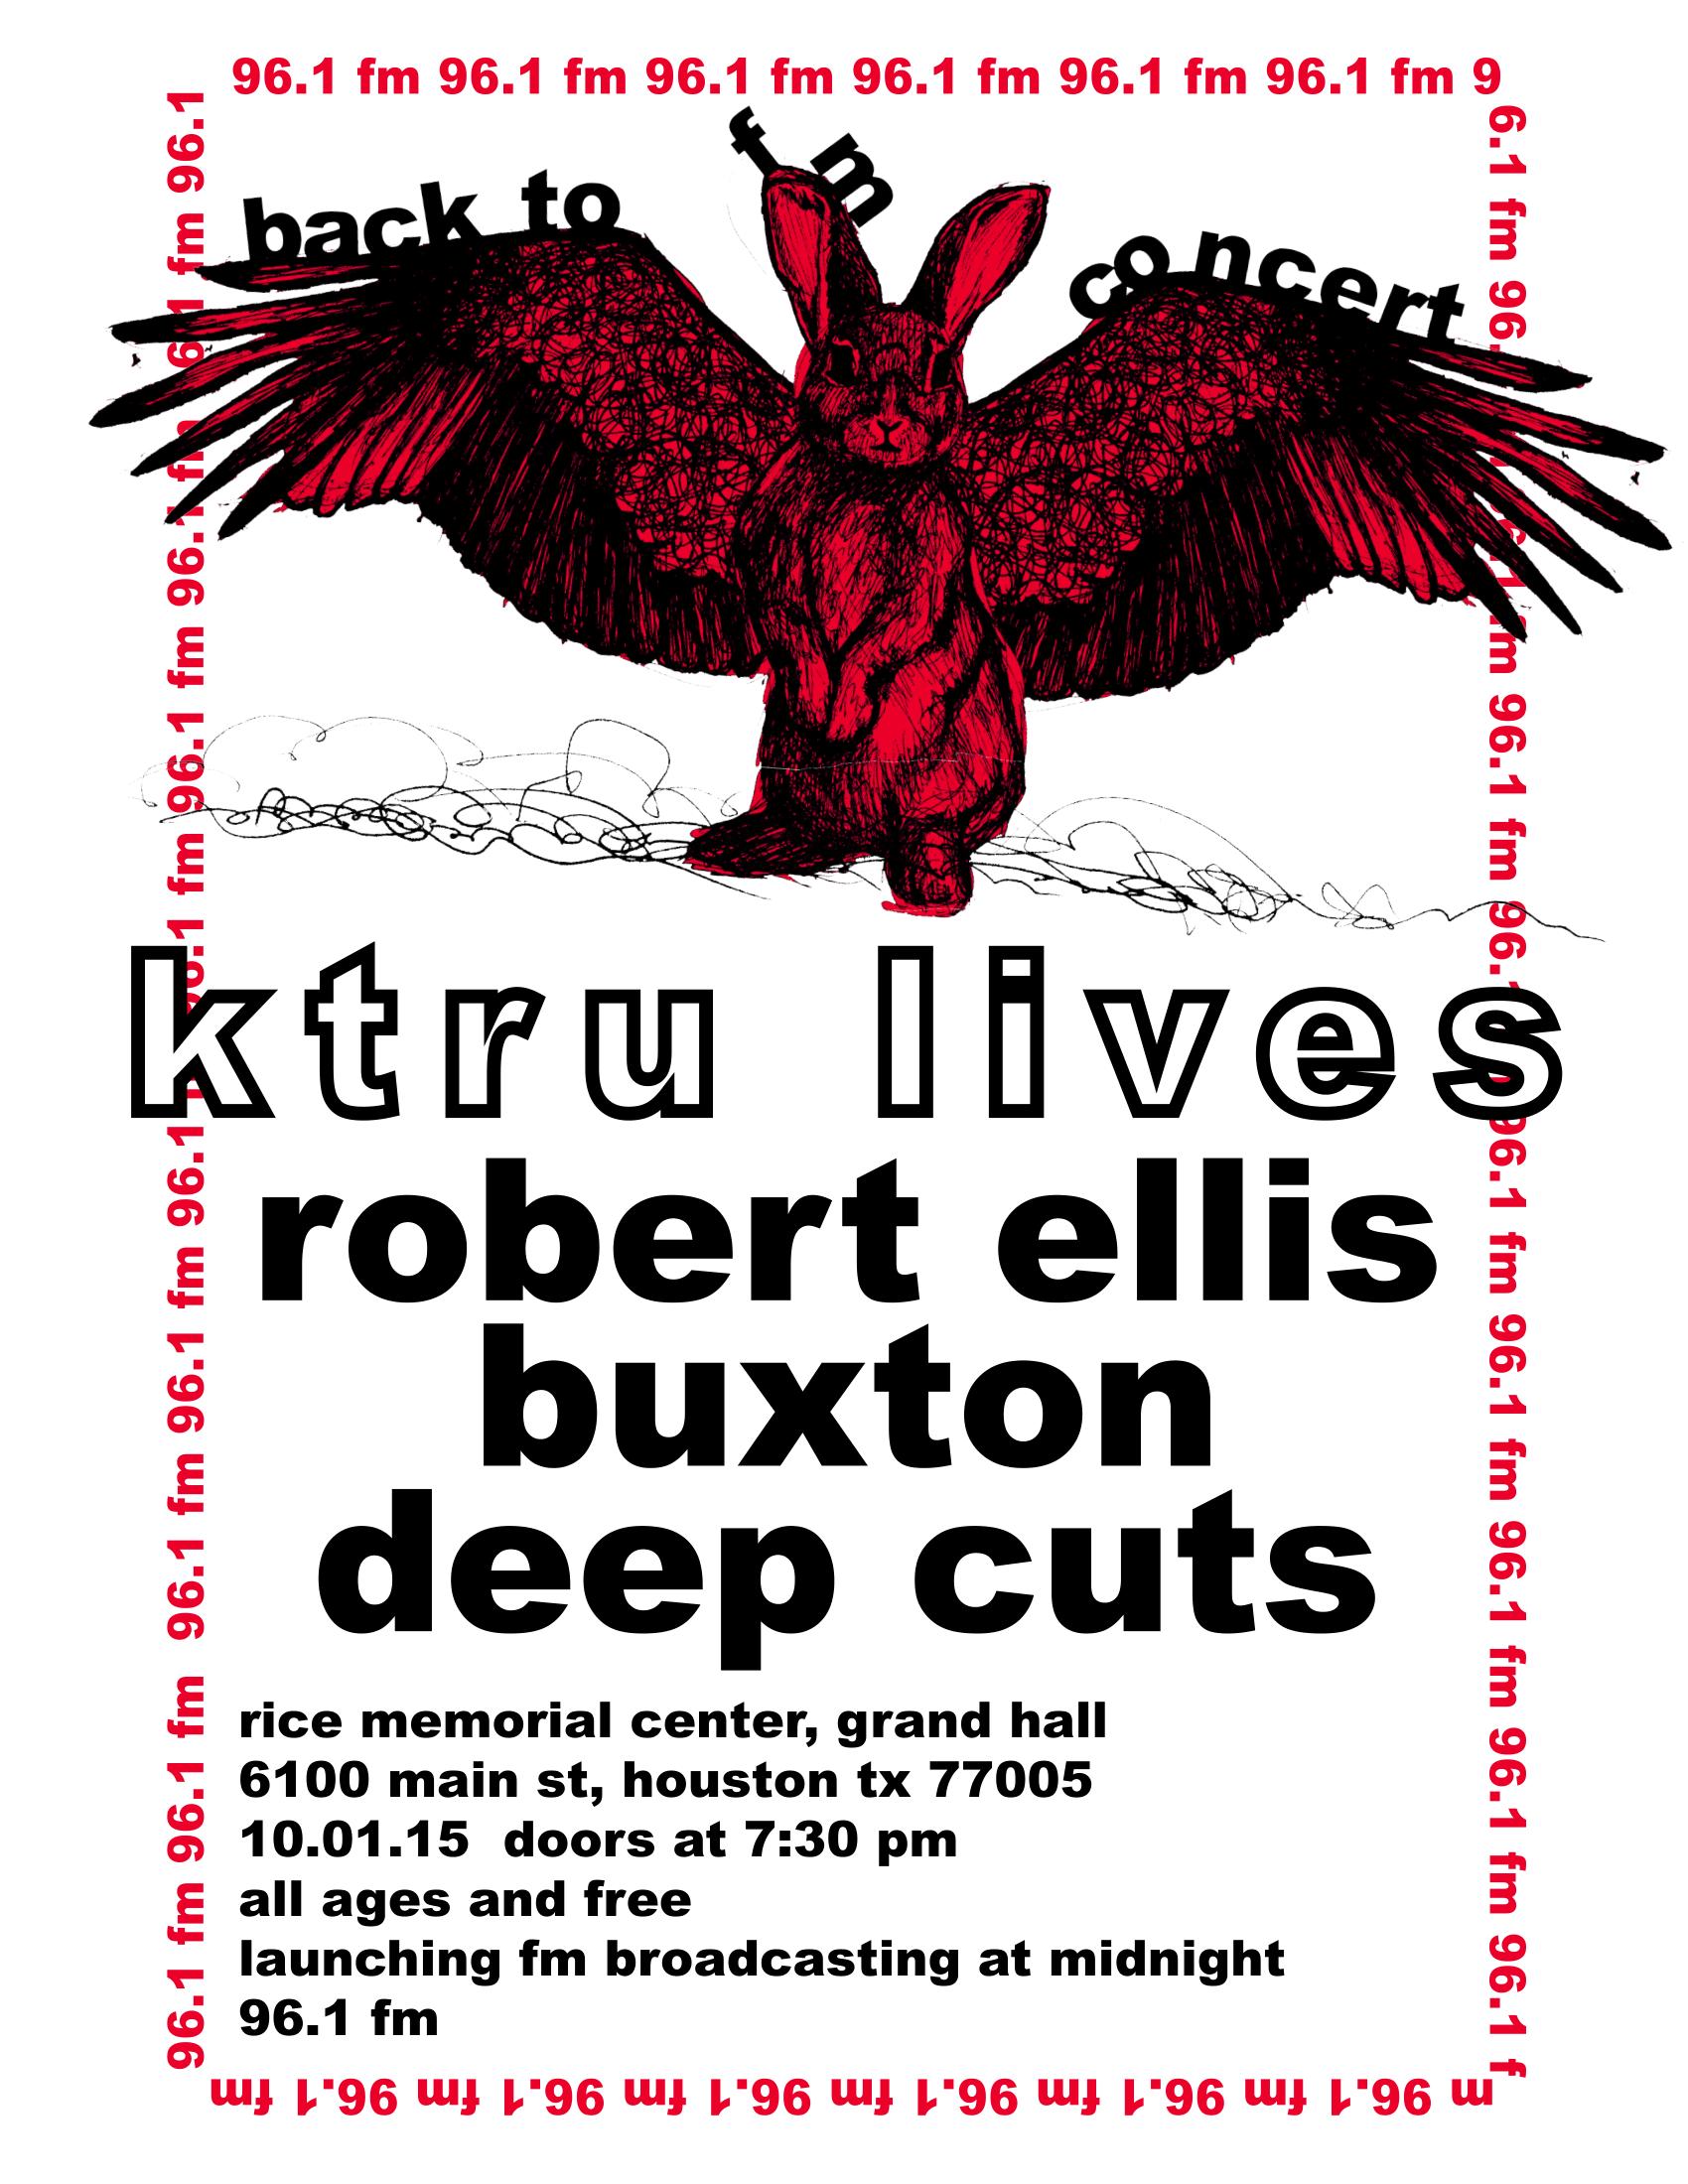 ktru concert flyer_red bg_wave